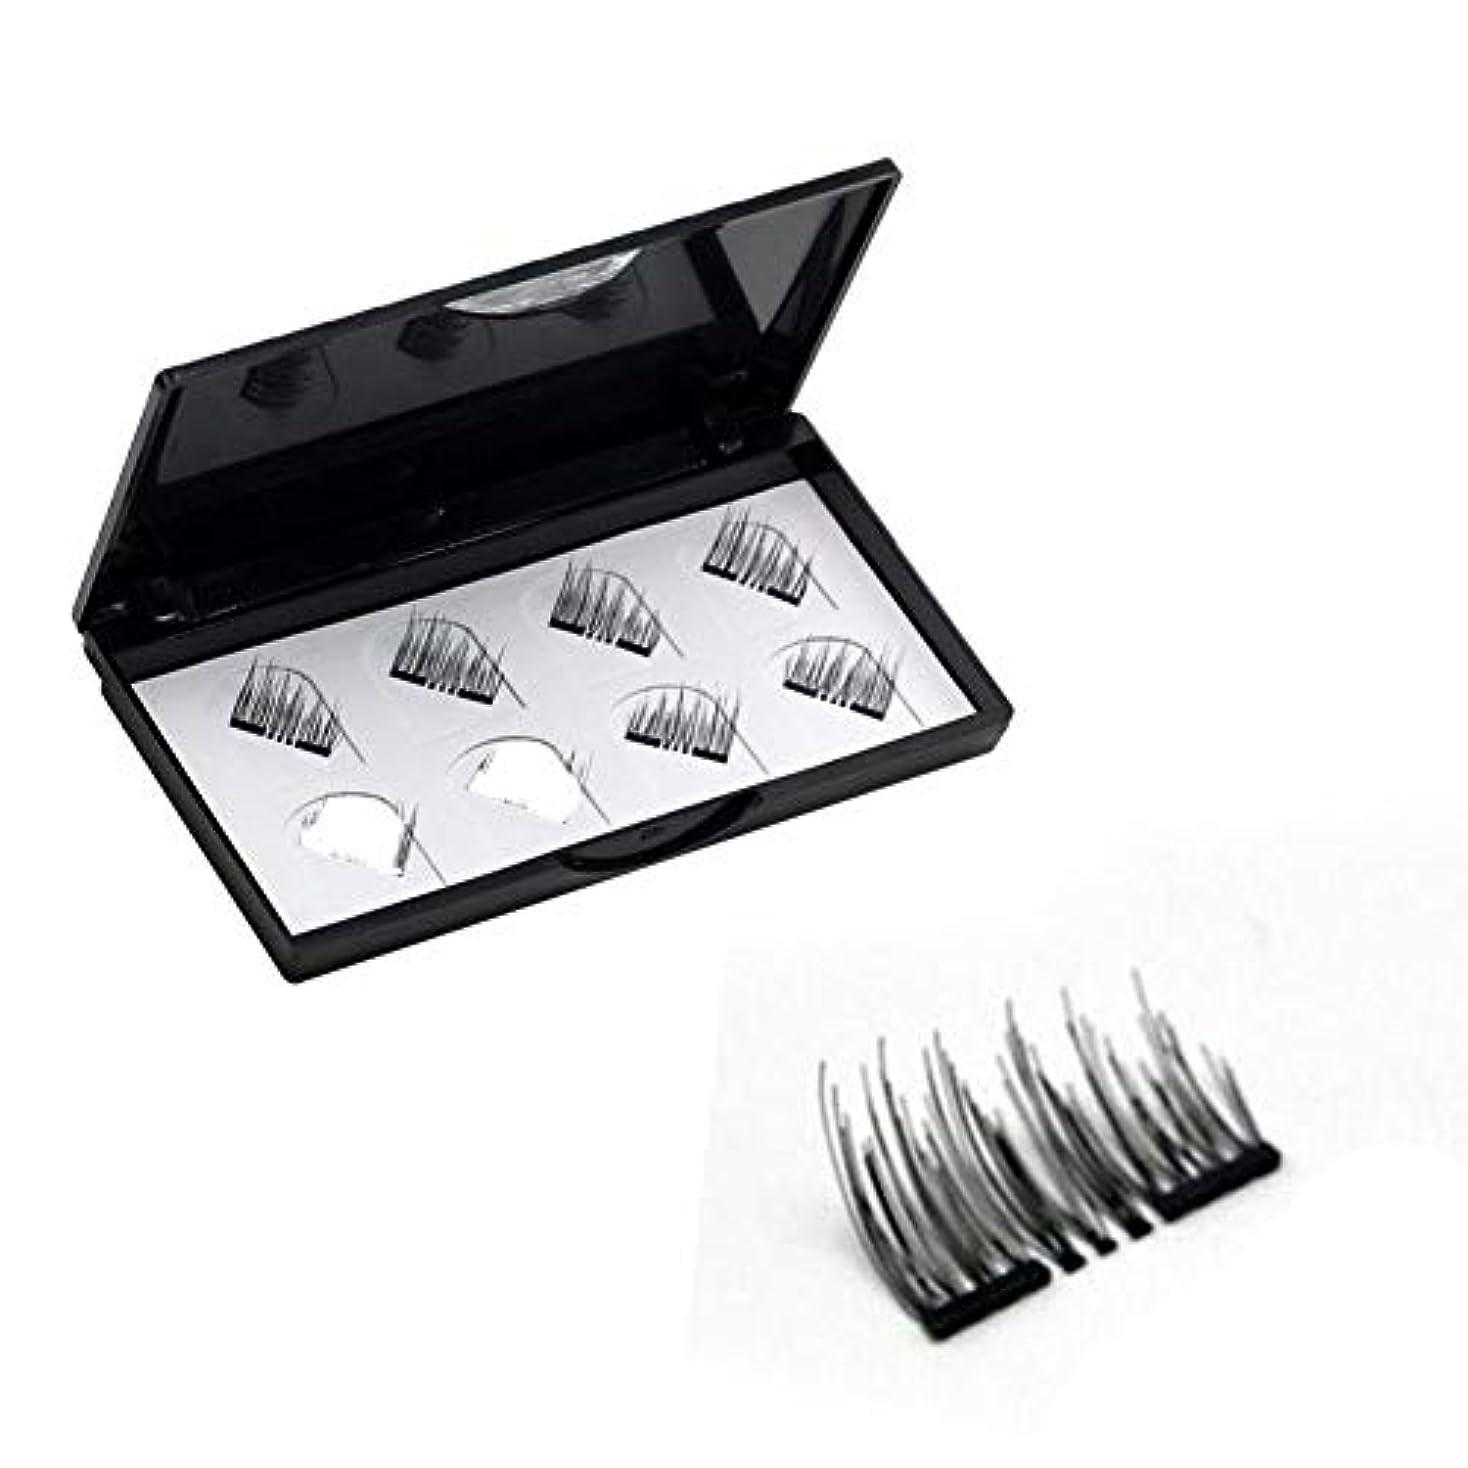 ドナー民間人虫ビューティー つけまつげ 磁気 3D磁気 柔らかい 手作り のり不要 再利用可能 極薄 超軽量高級繊維 接着剤不要 付自然的手作り8個セット